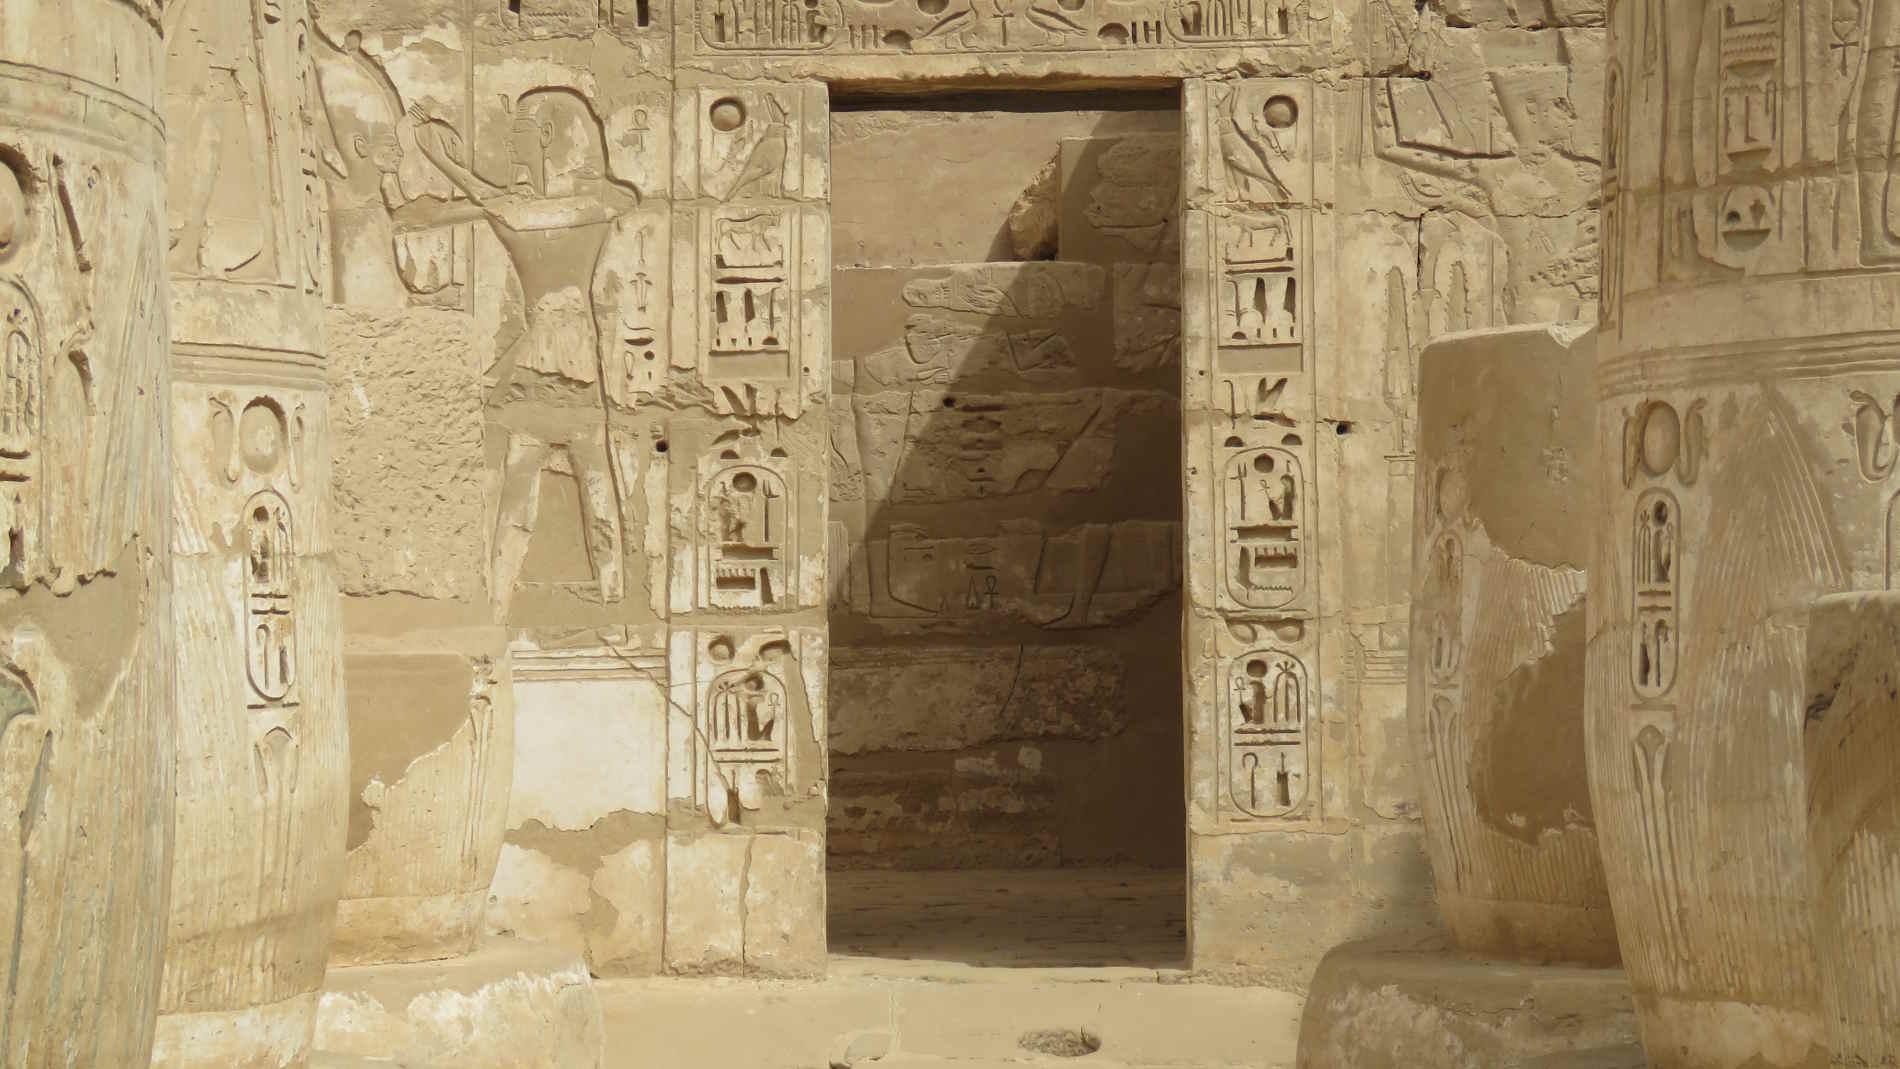 ortile nel sito archeologico di Abydos crociera sul nilo